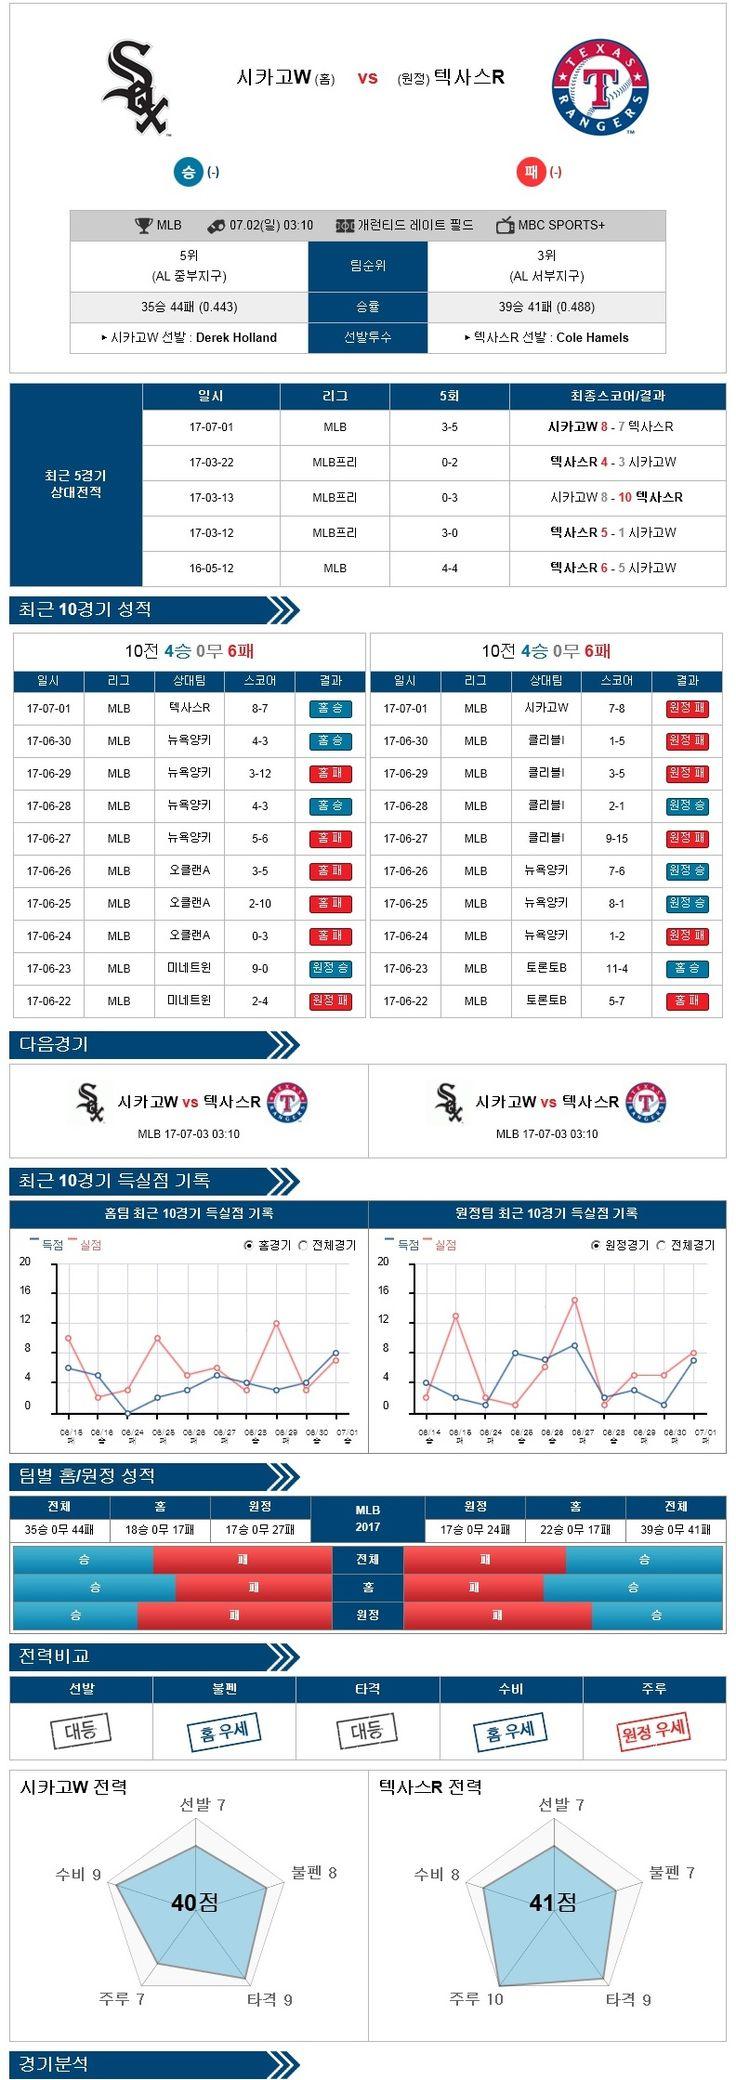 스포츠토토 분석 [MLB] 7월 02일 야구분석픽 시카고화이트삭스 vs 텍사스 ★토토군 분석픽★